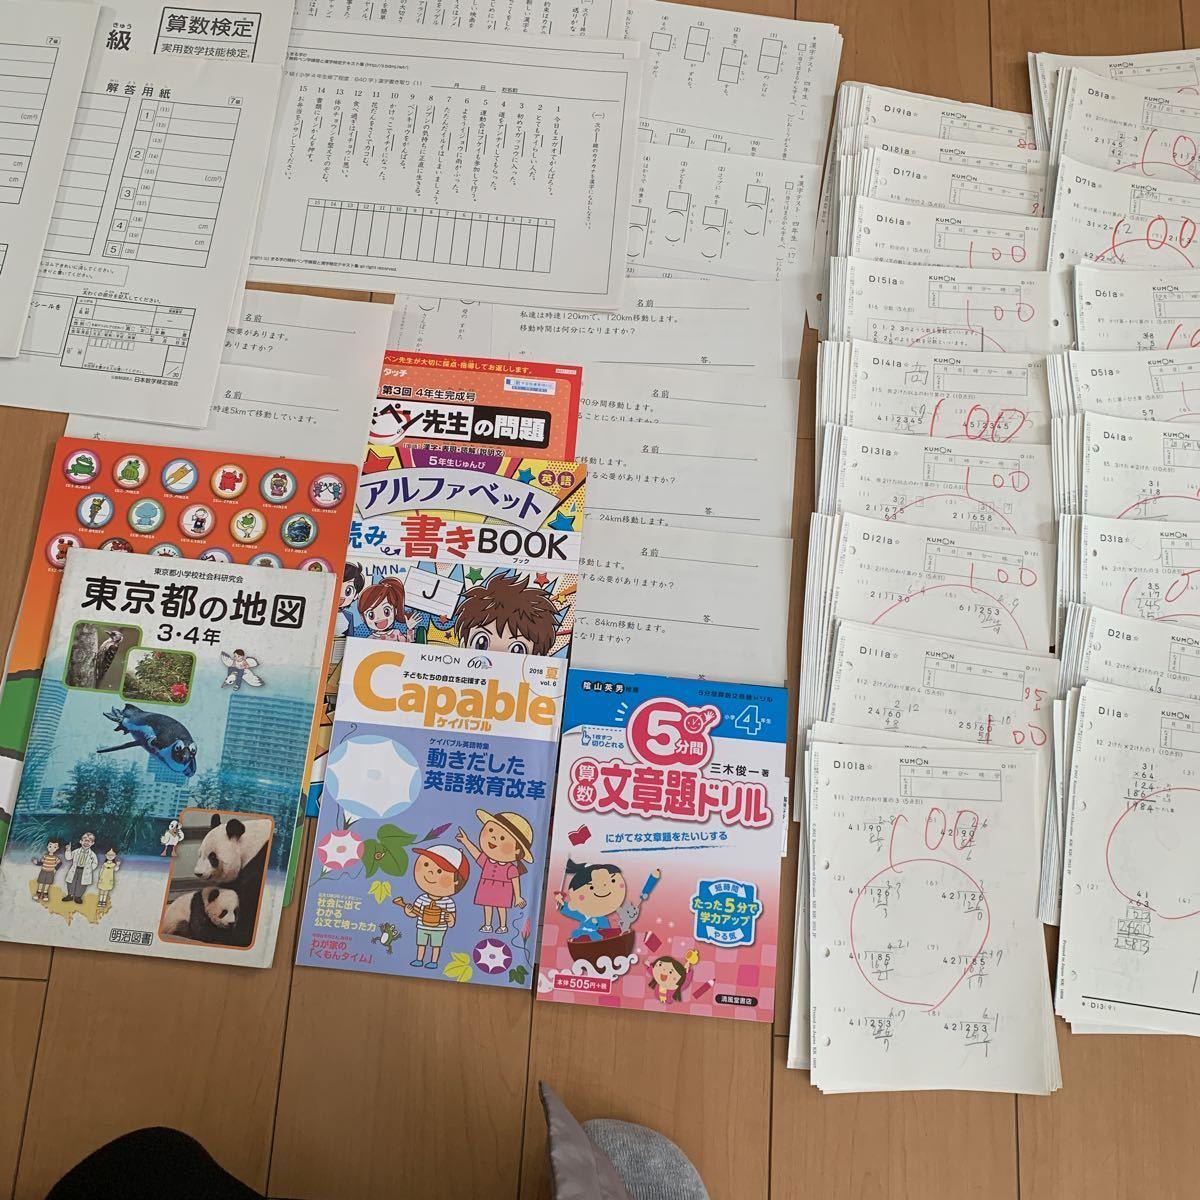 小学四年算数文章題ドリル新品未使用 公文 くもん算数四年190枚 時間と距離12枚分 漢字テスト18枚分 算数検定7級2セット解答 英語他